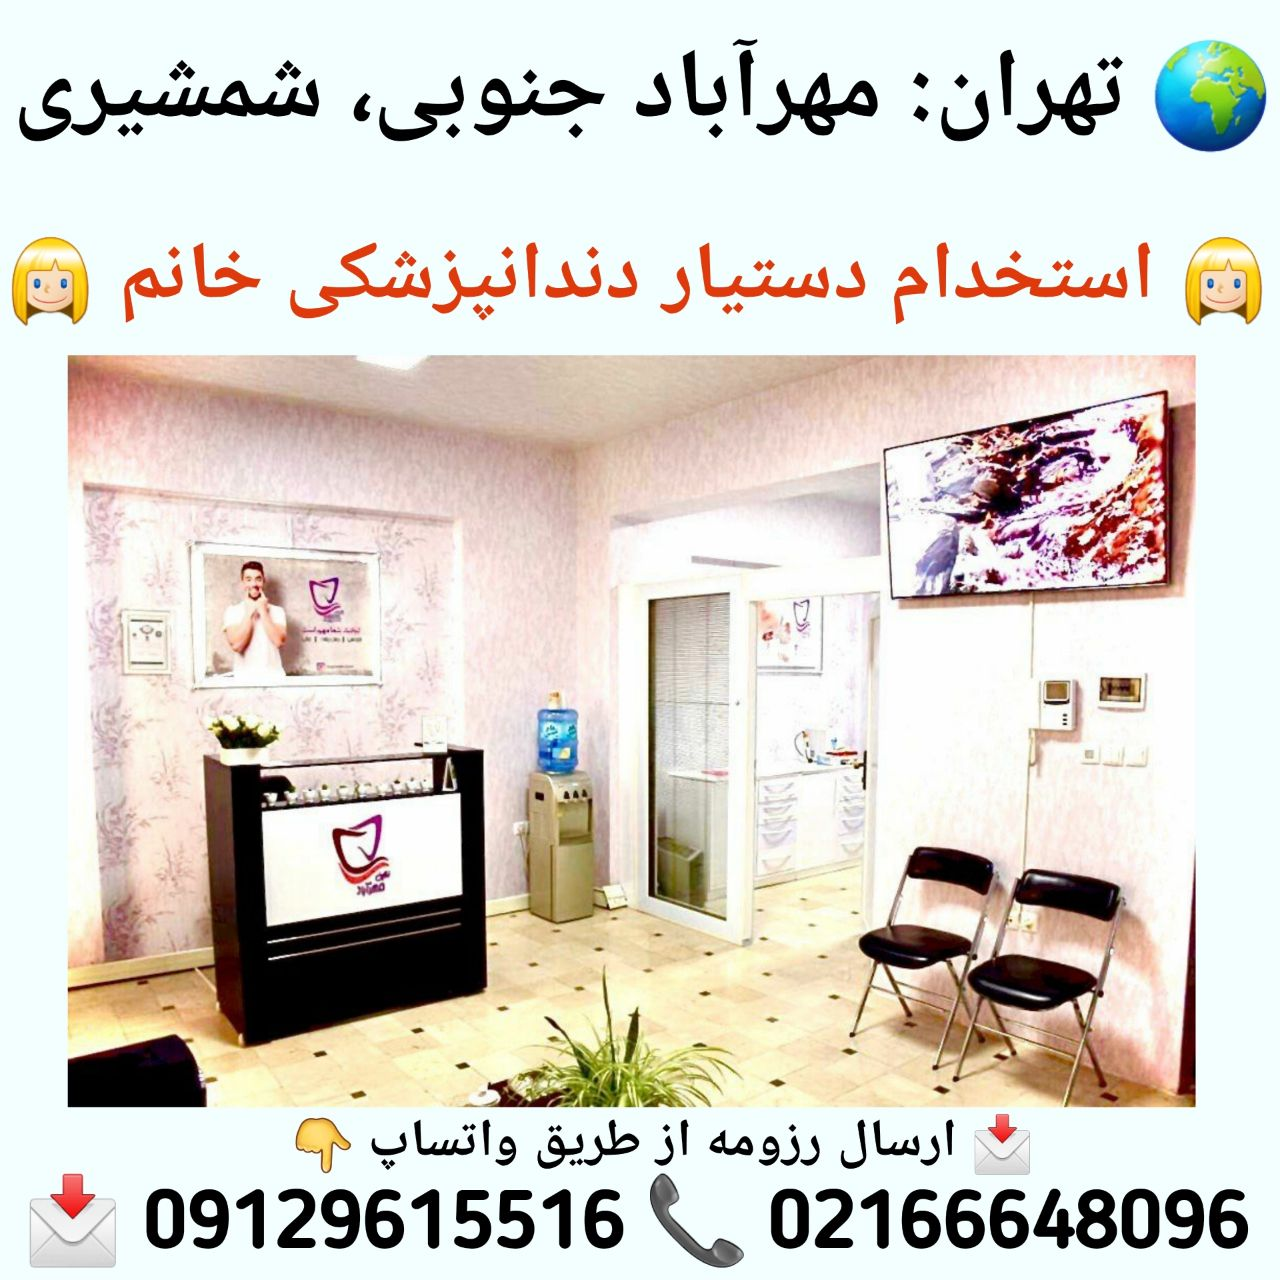 تهران: مهرآباد جنوبی، شمشیری، استخدام دستیار دندانپزشکی